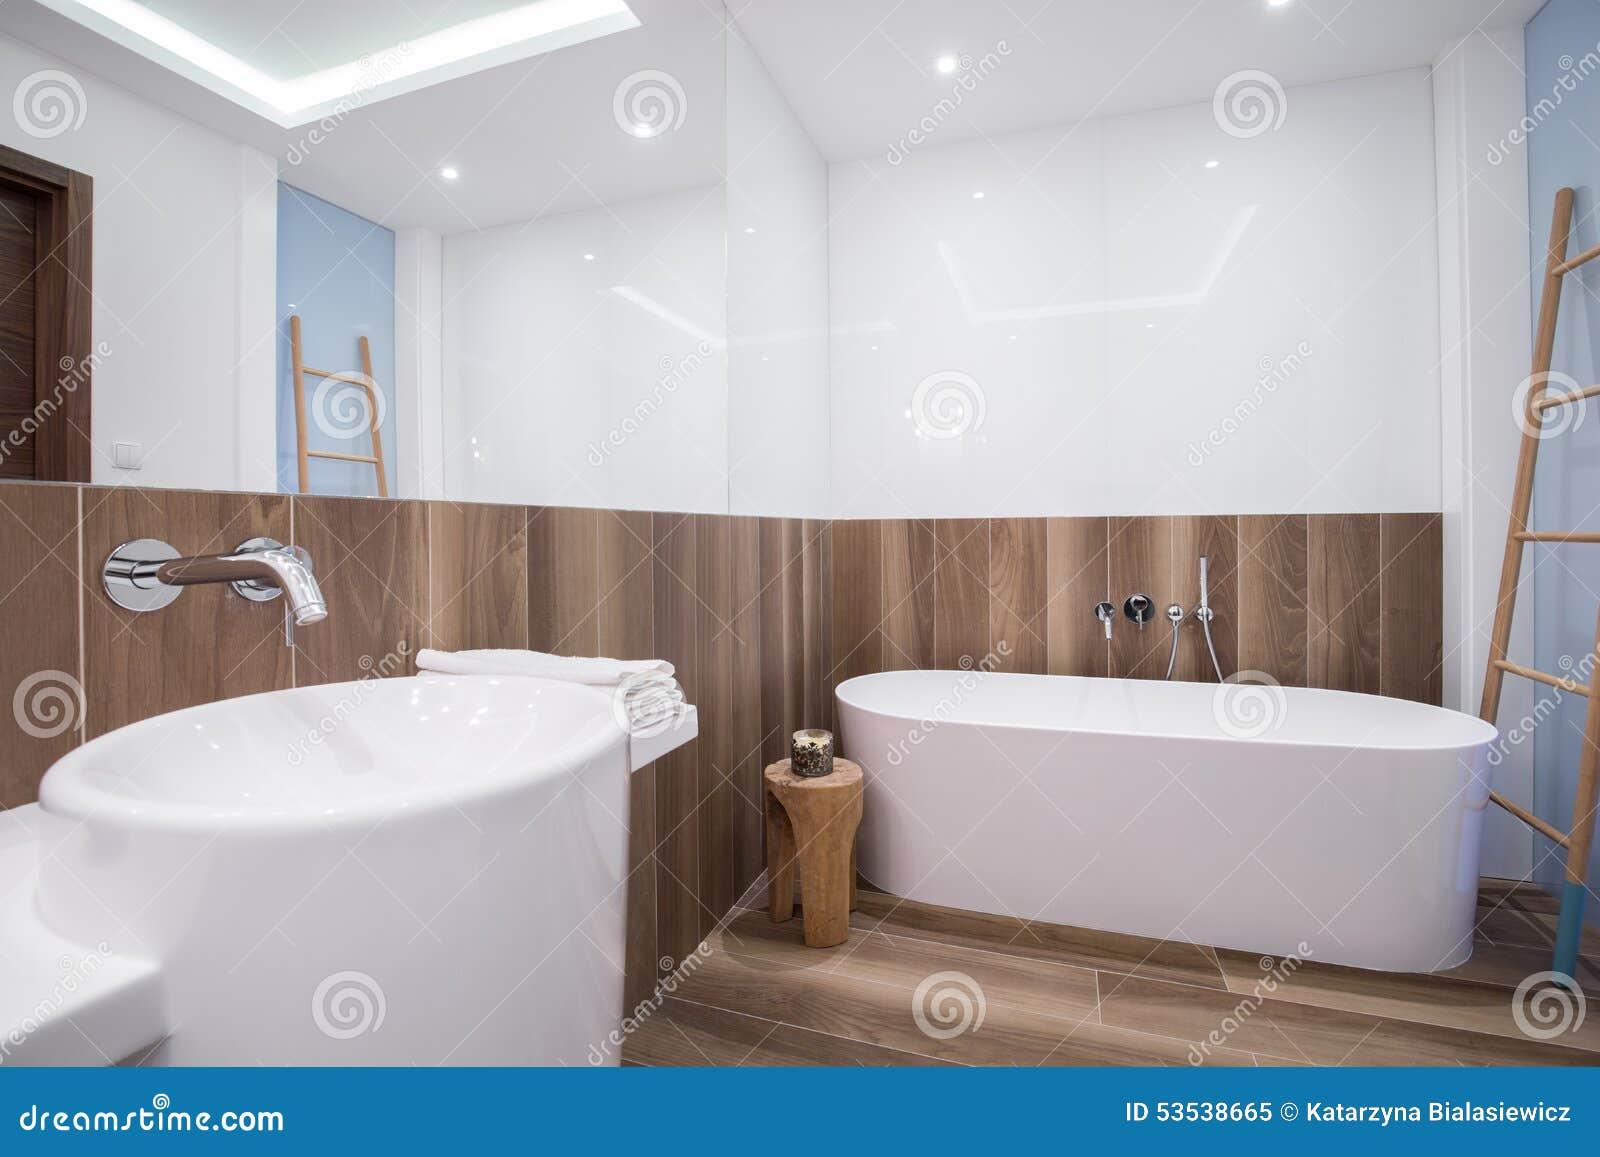 Painel De Madeira No Banheiro Luxuoso Foto de Stock Imagem: 53538665 #82A229 1300 957